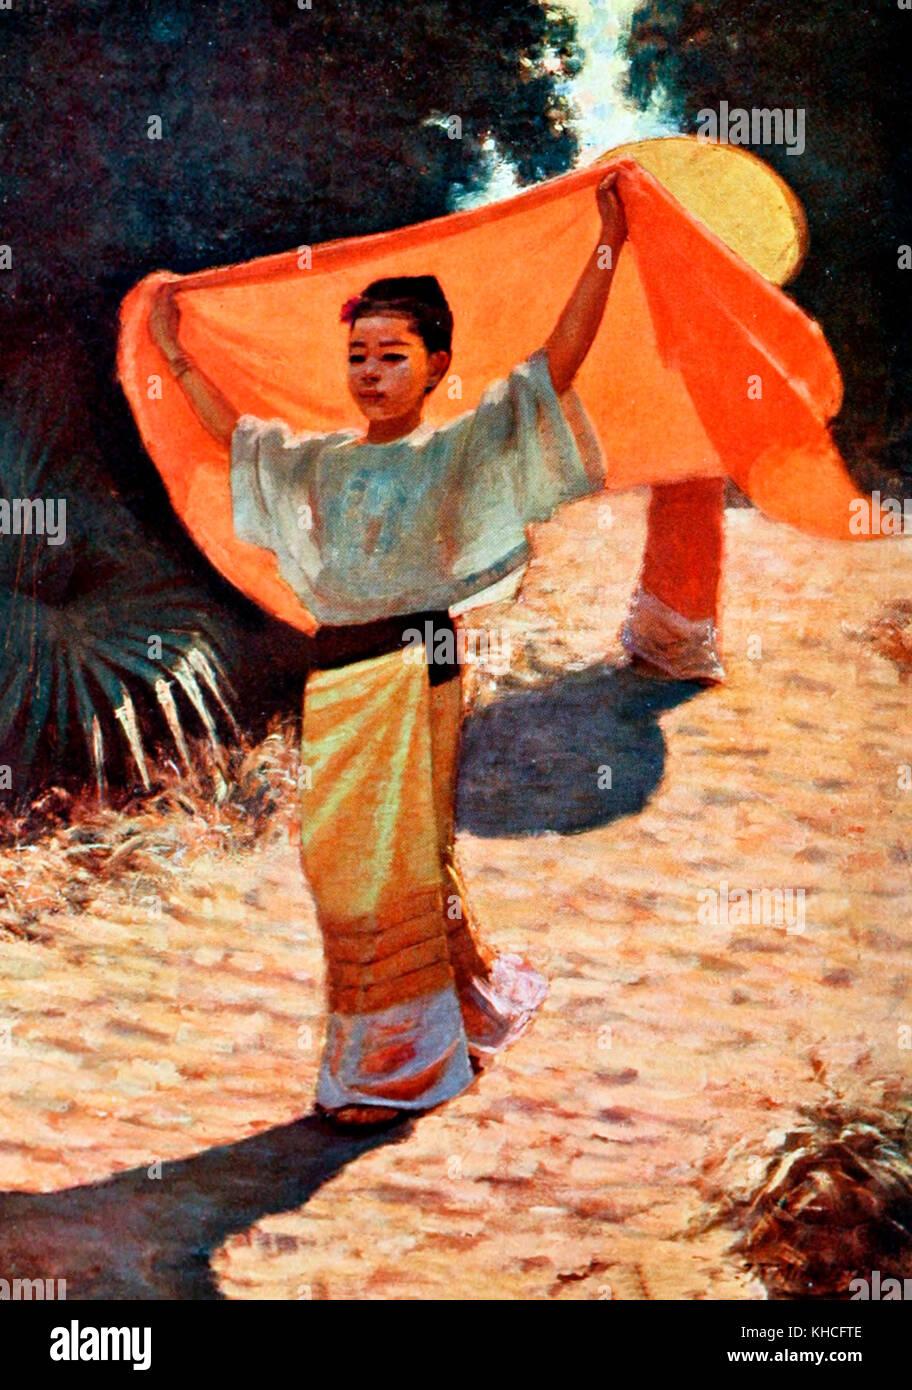 An extemporised Parasol - Burma, circa 1900 - Stock Image